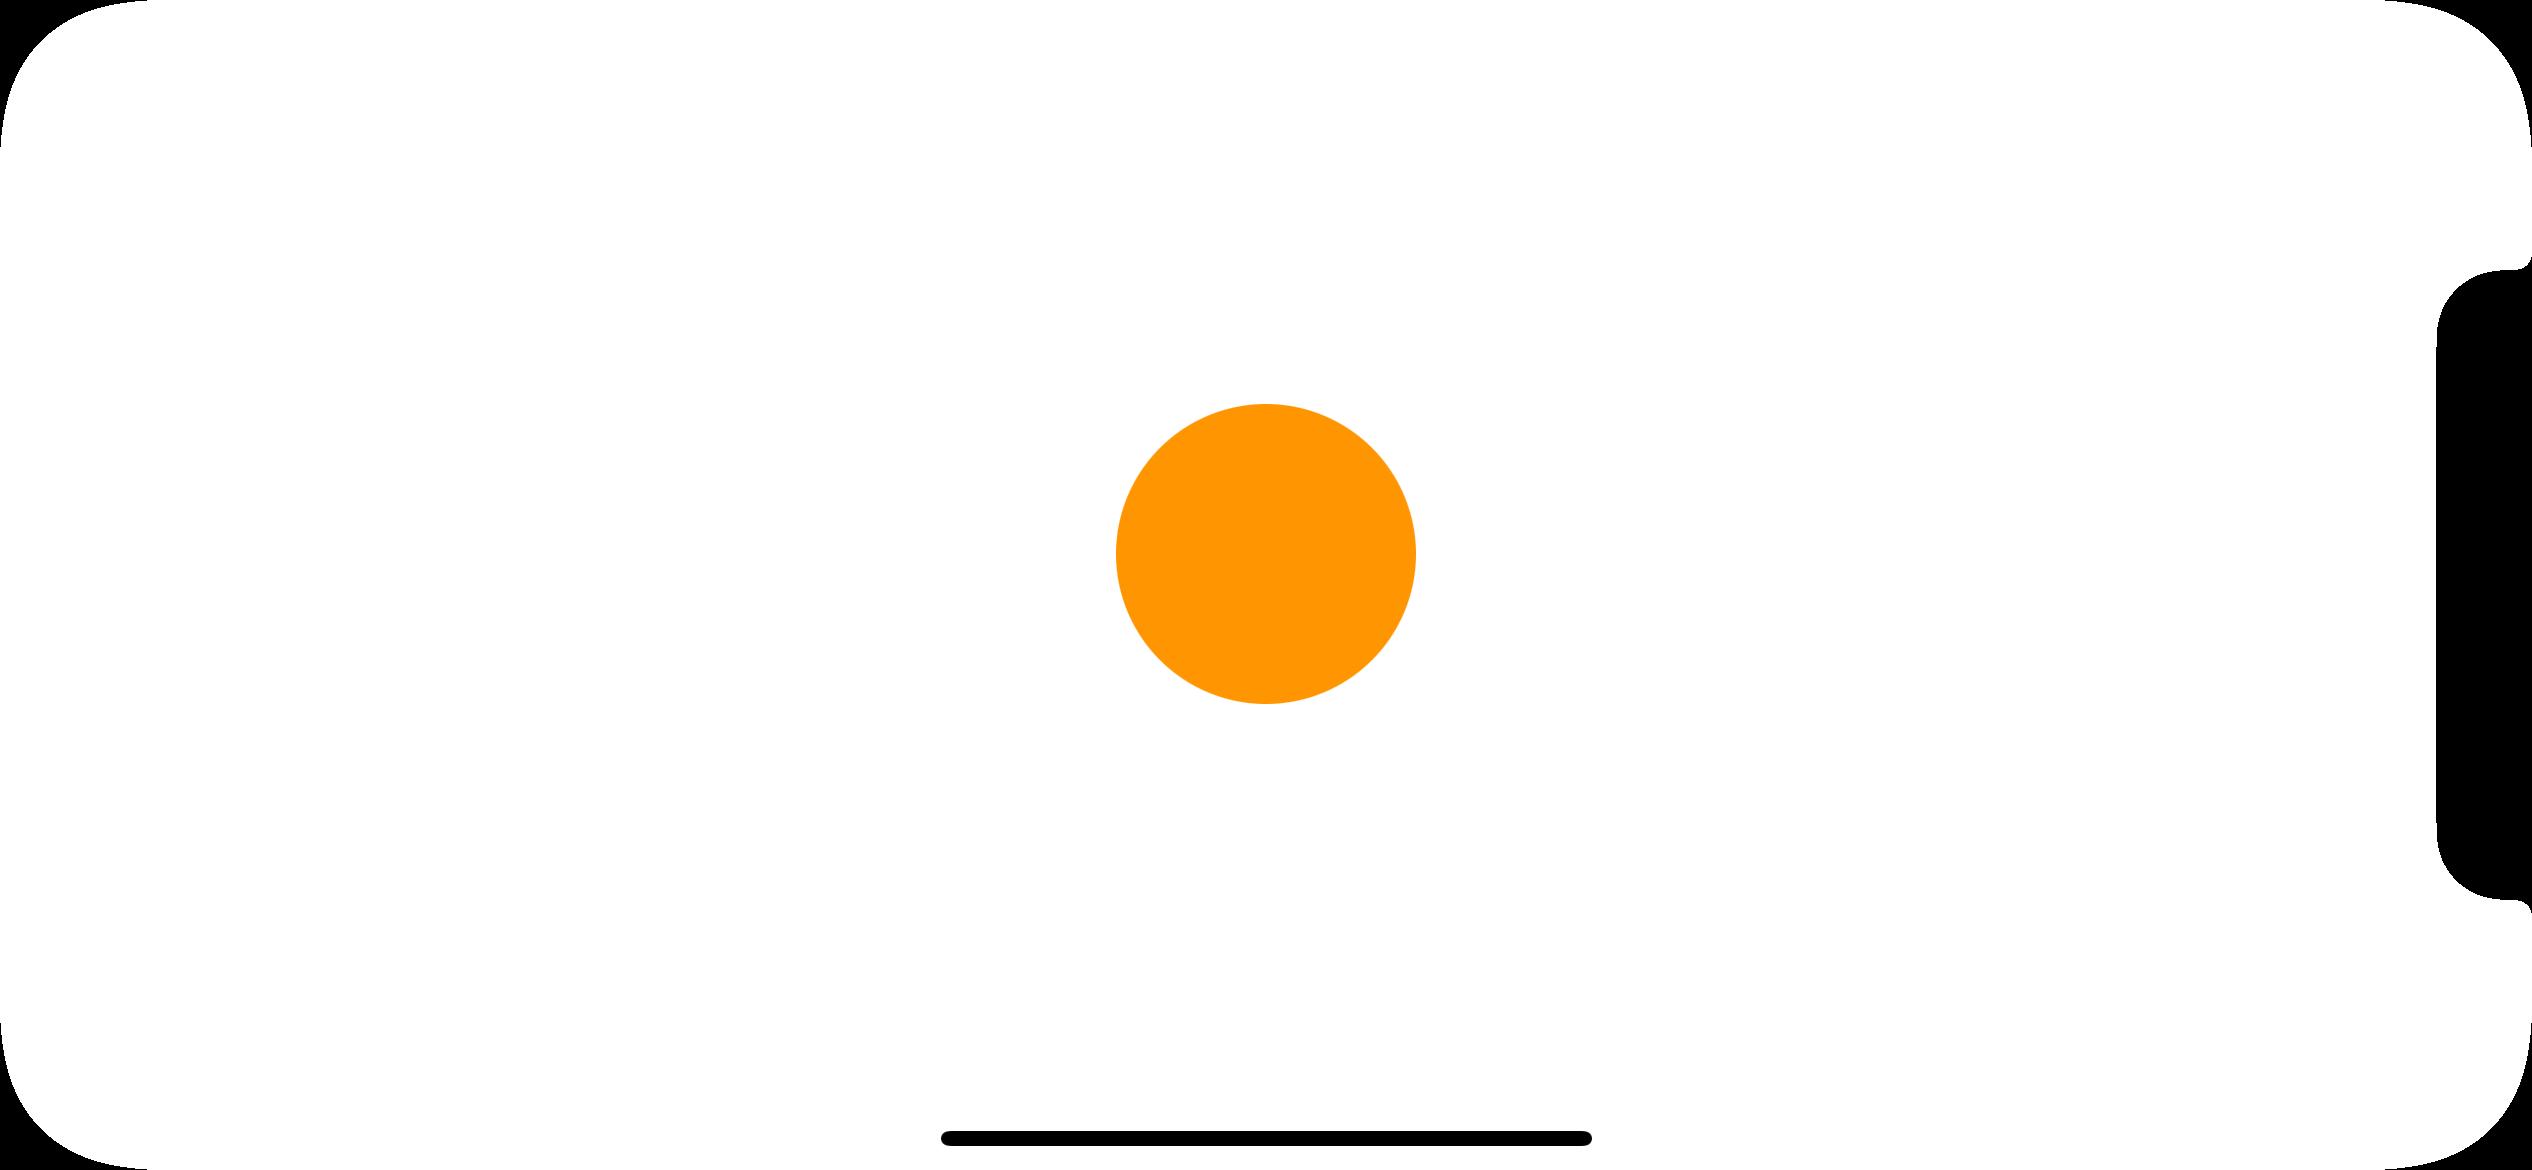 Circle の描画